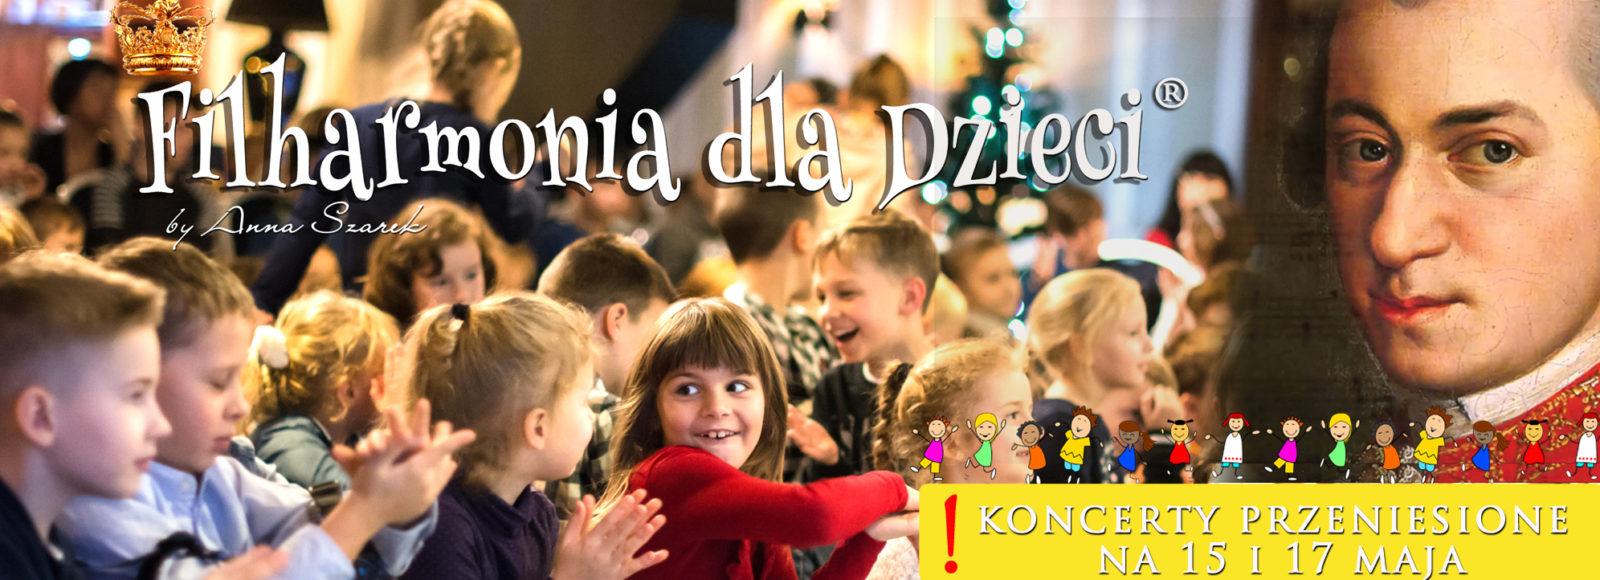 Filharmonia dla Dzieci mozart Zielonka nowe terminy